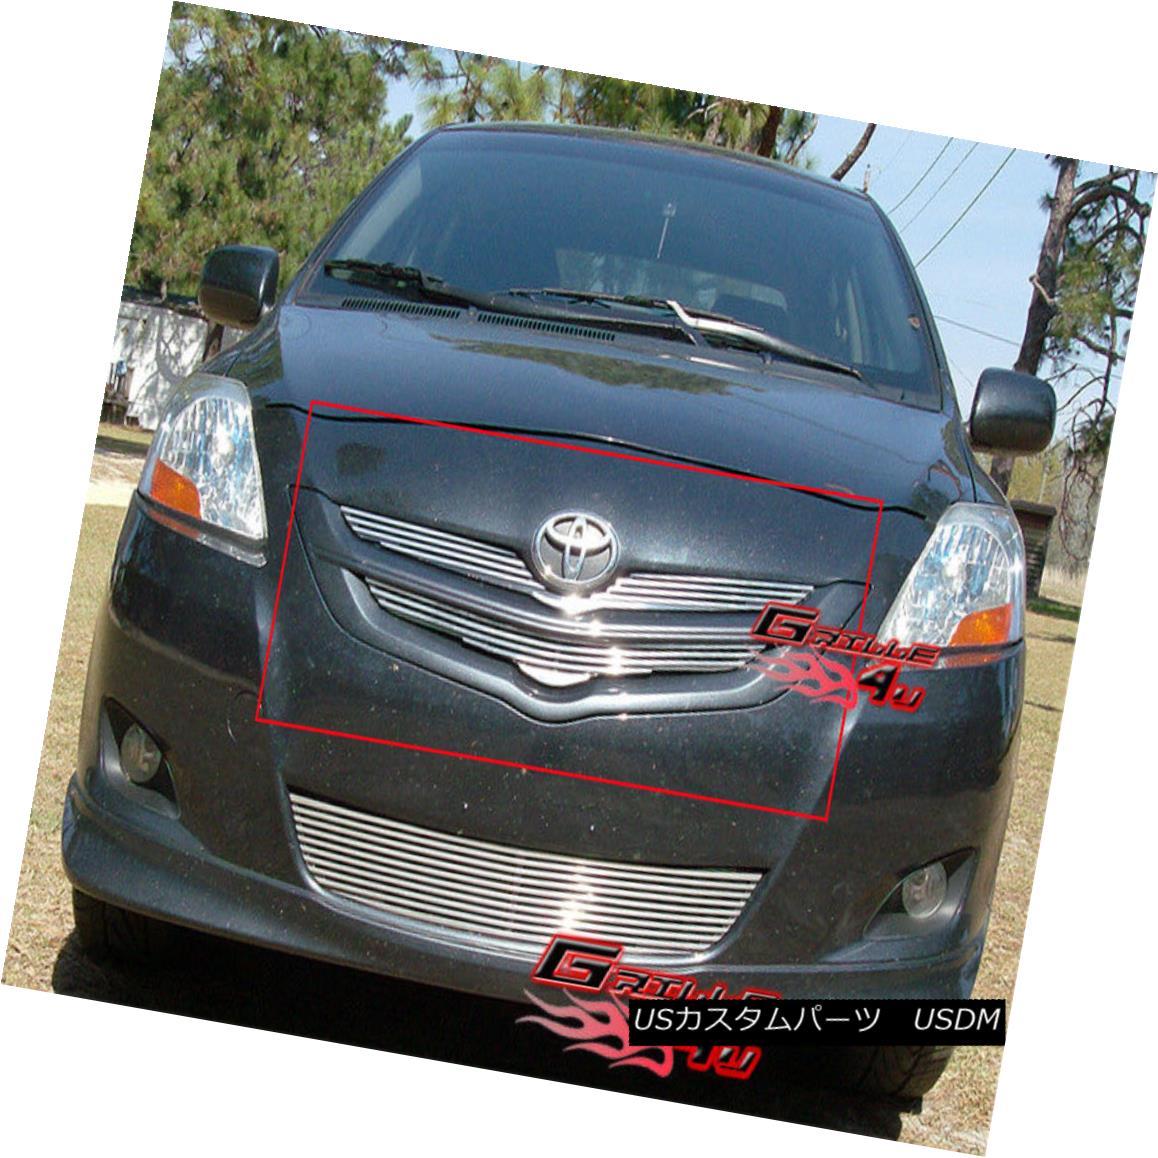 グリル Fits 2006-2008 Toyota Yaris Perimeter Grille Insert フィット2006-2008トヨタヤリス周辺グリルの挿入